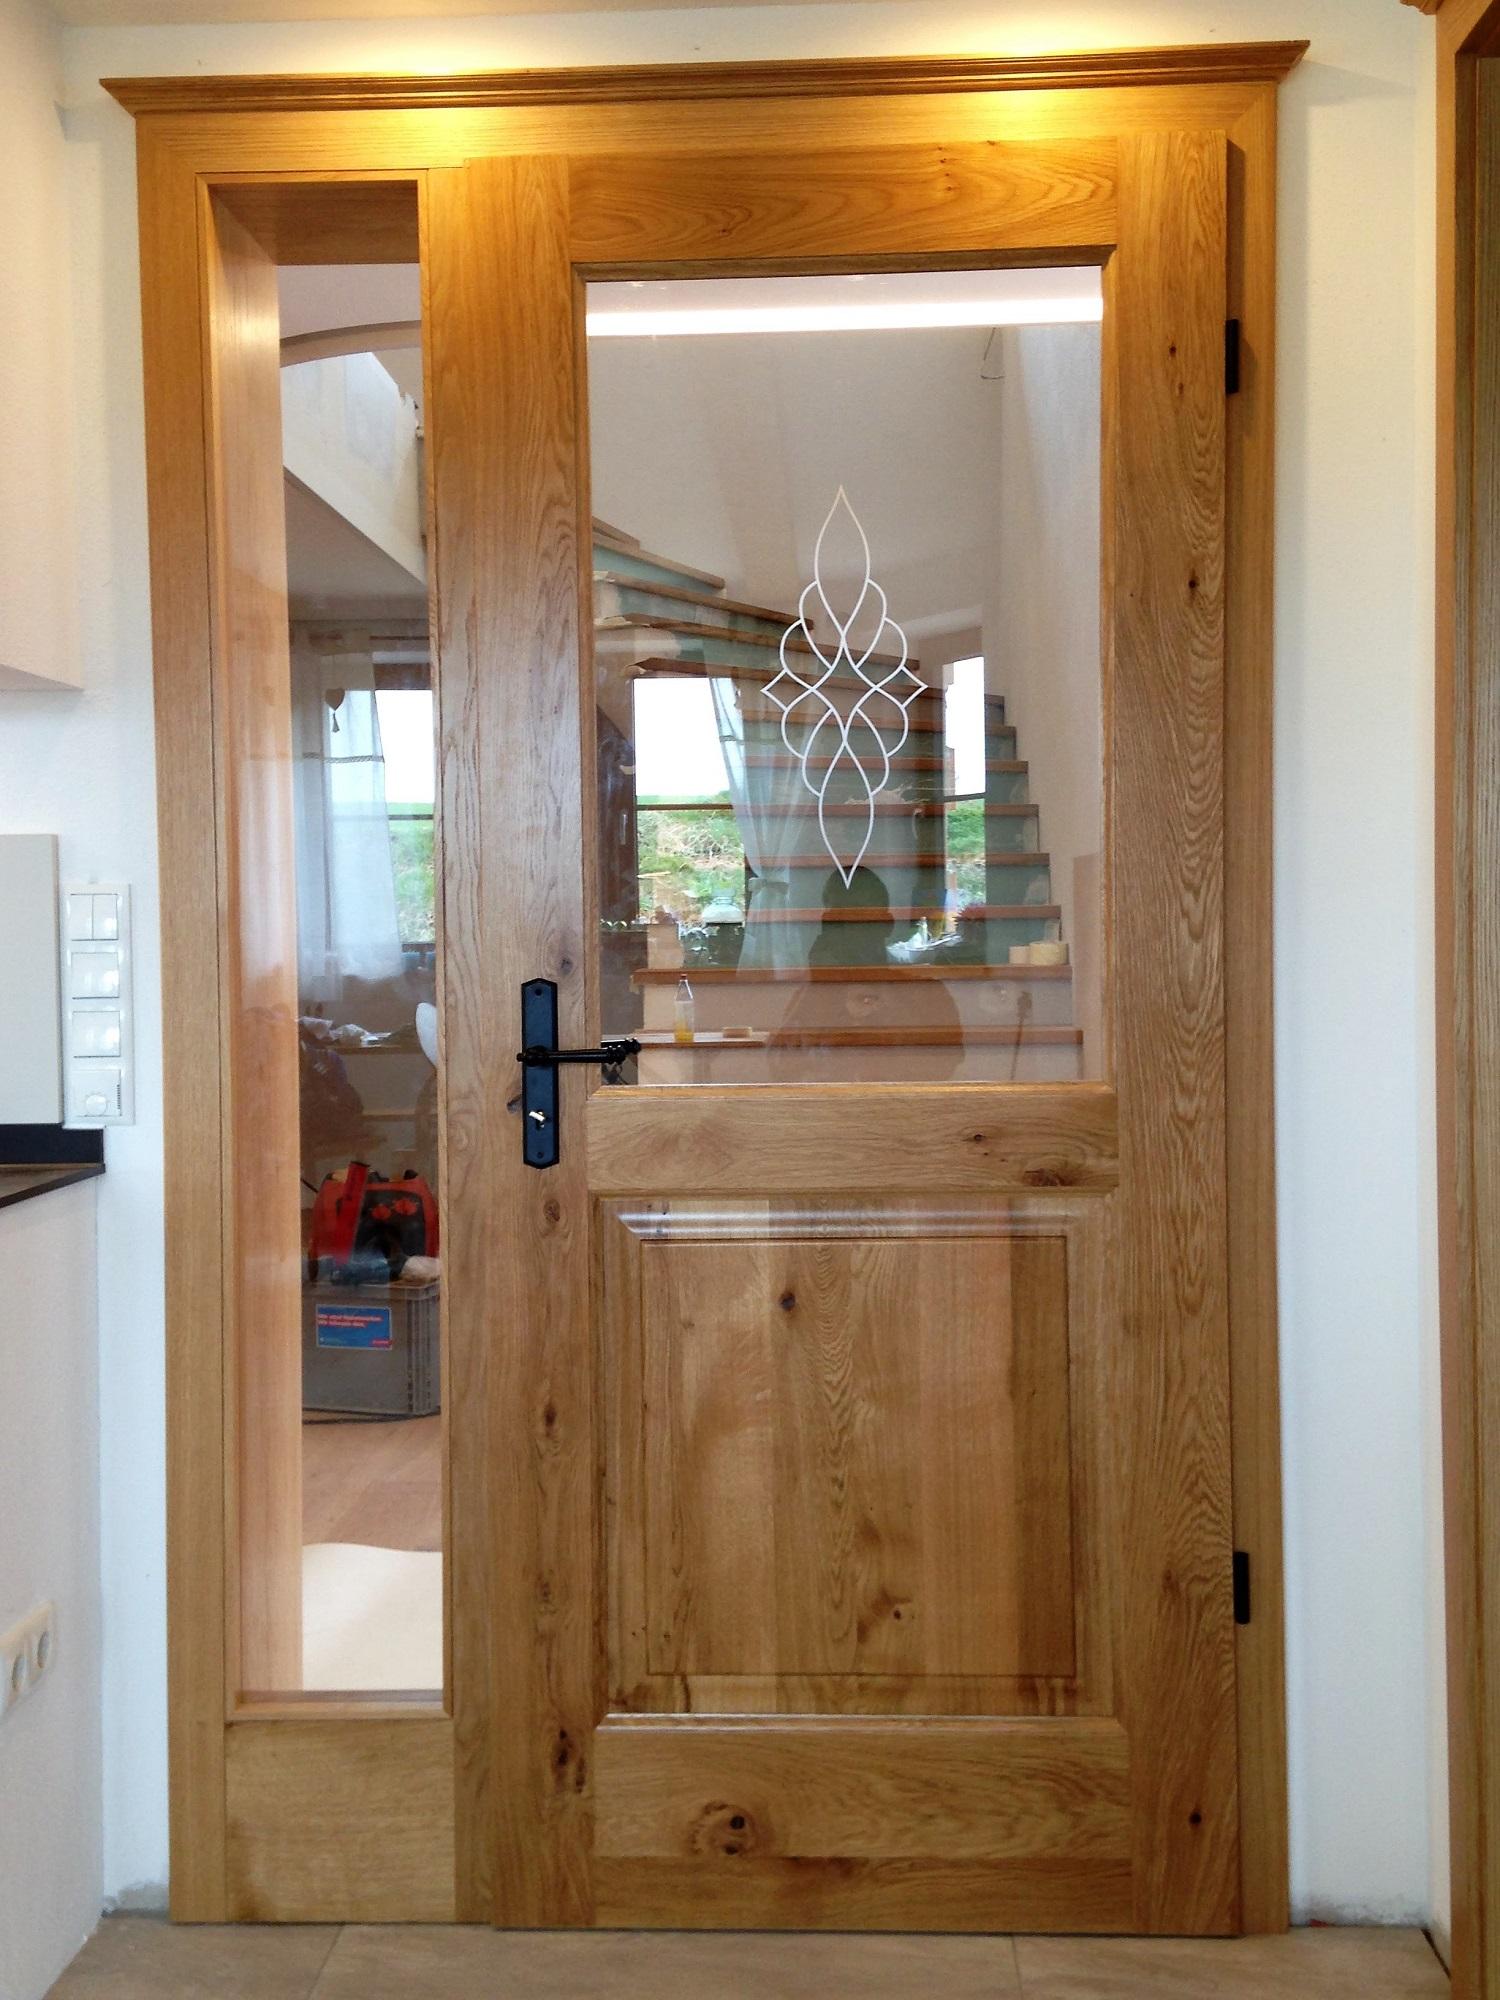 Zimmertür-Element in massiver Asteiche mit Füllung und sandgestrahltem Ornament